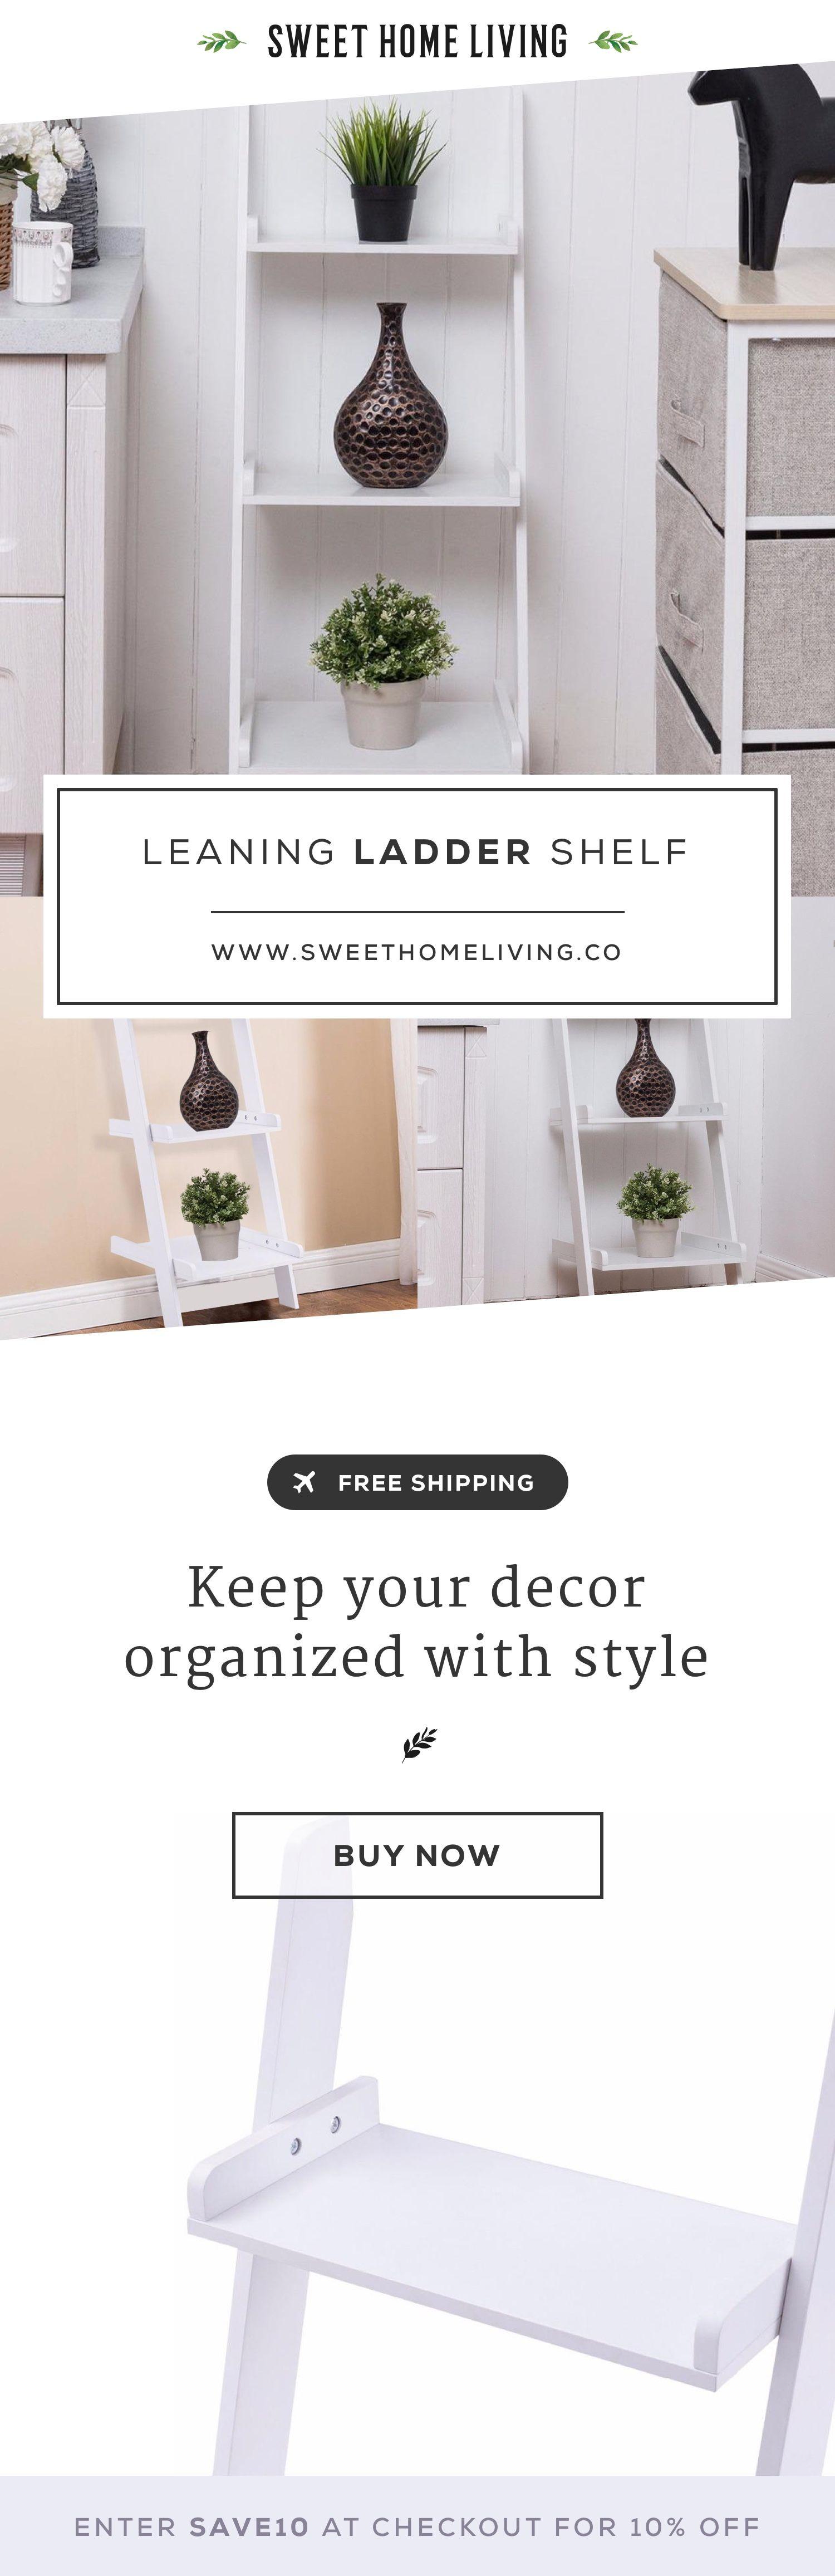 Leaning ladder shelf open shelving design u decor pinterest